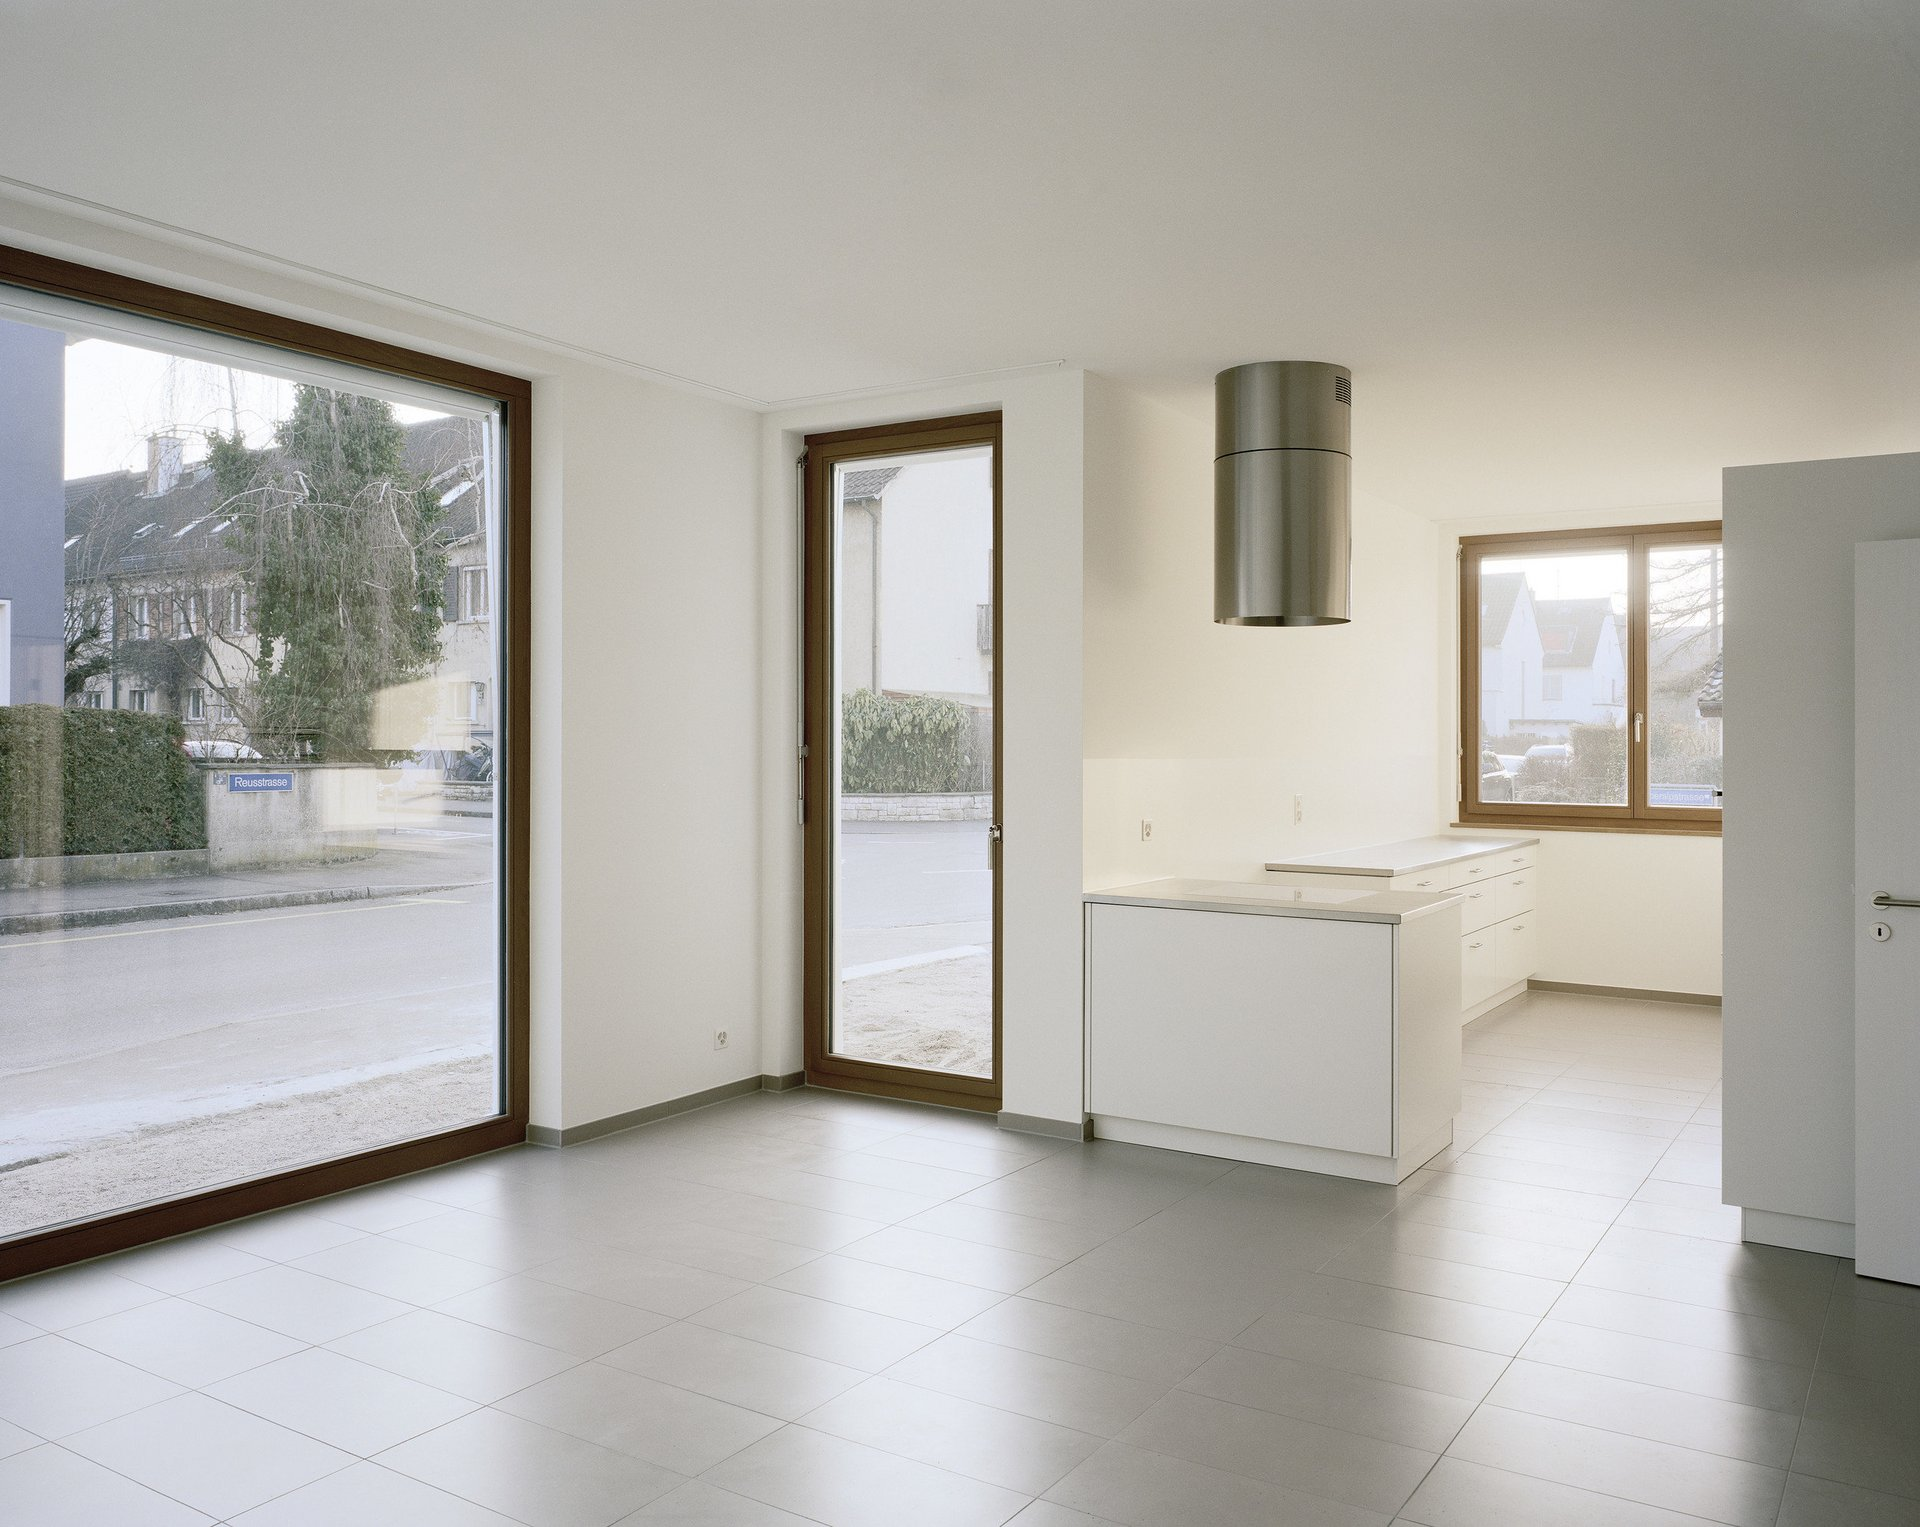 verschiedene Fenster unterschiedlicher Grösse von innen in lichtdurchflutetem Raum